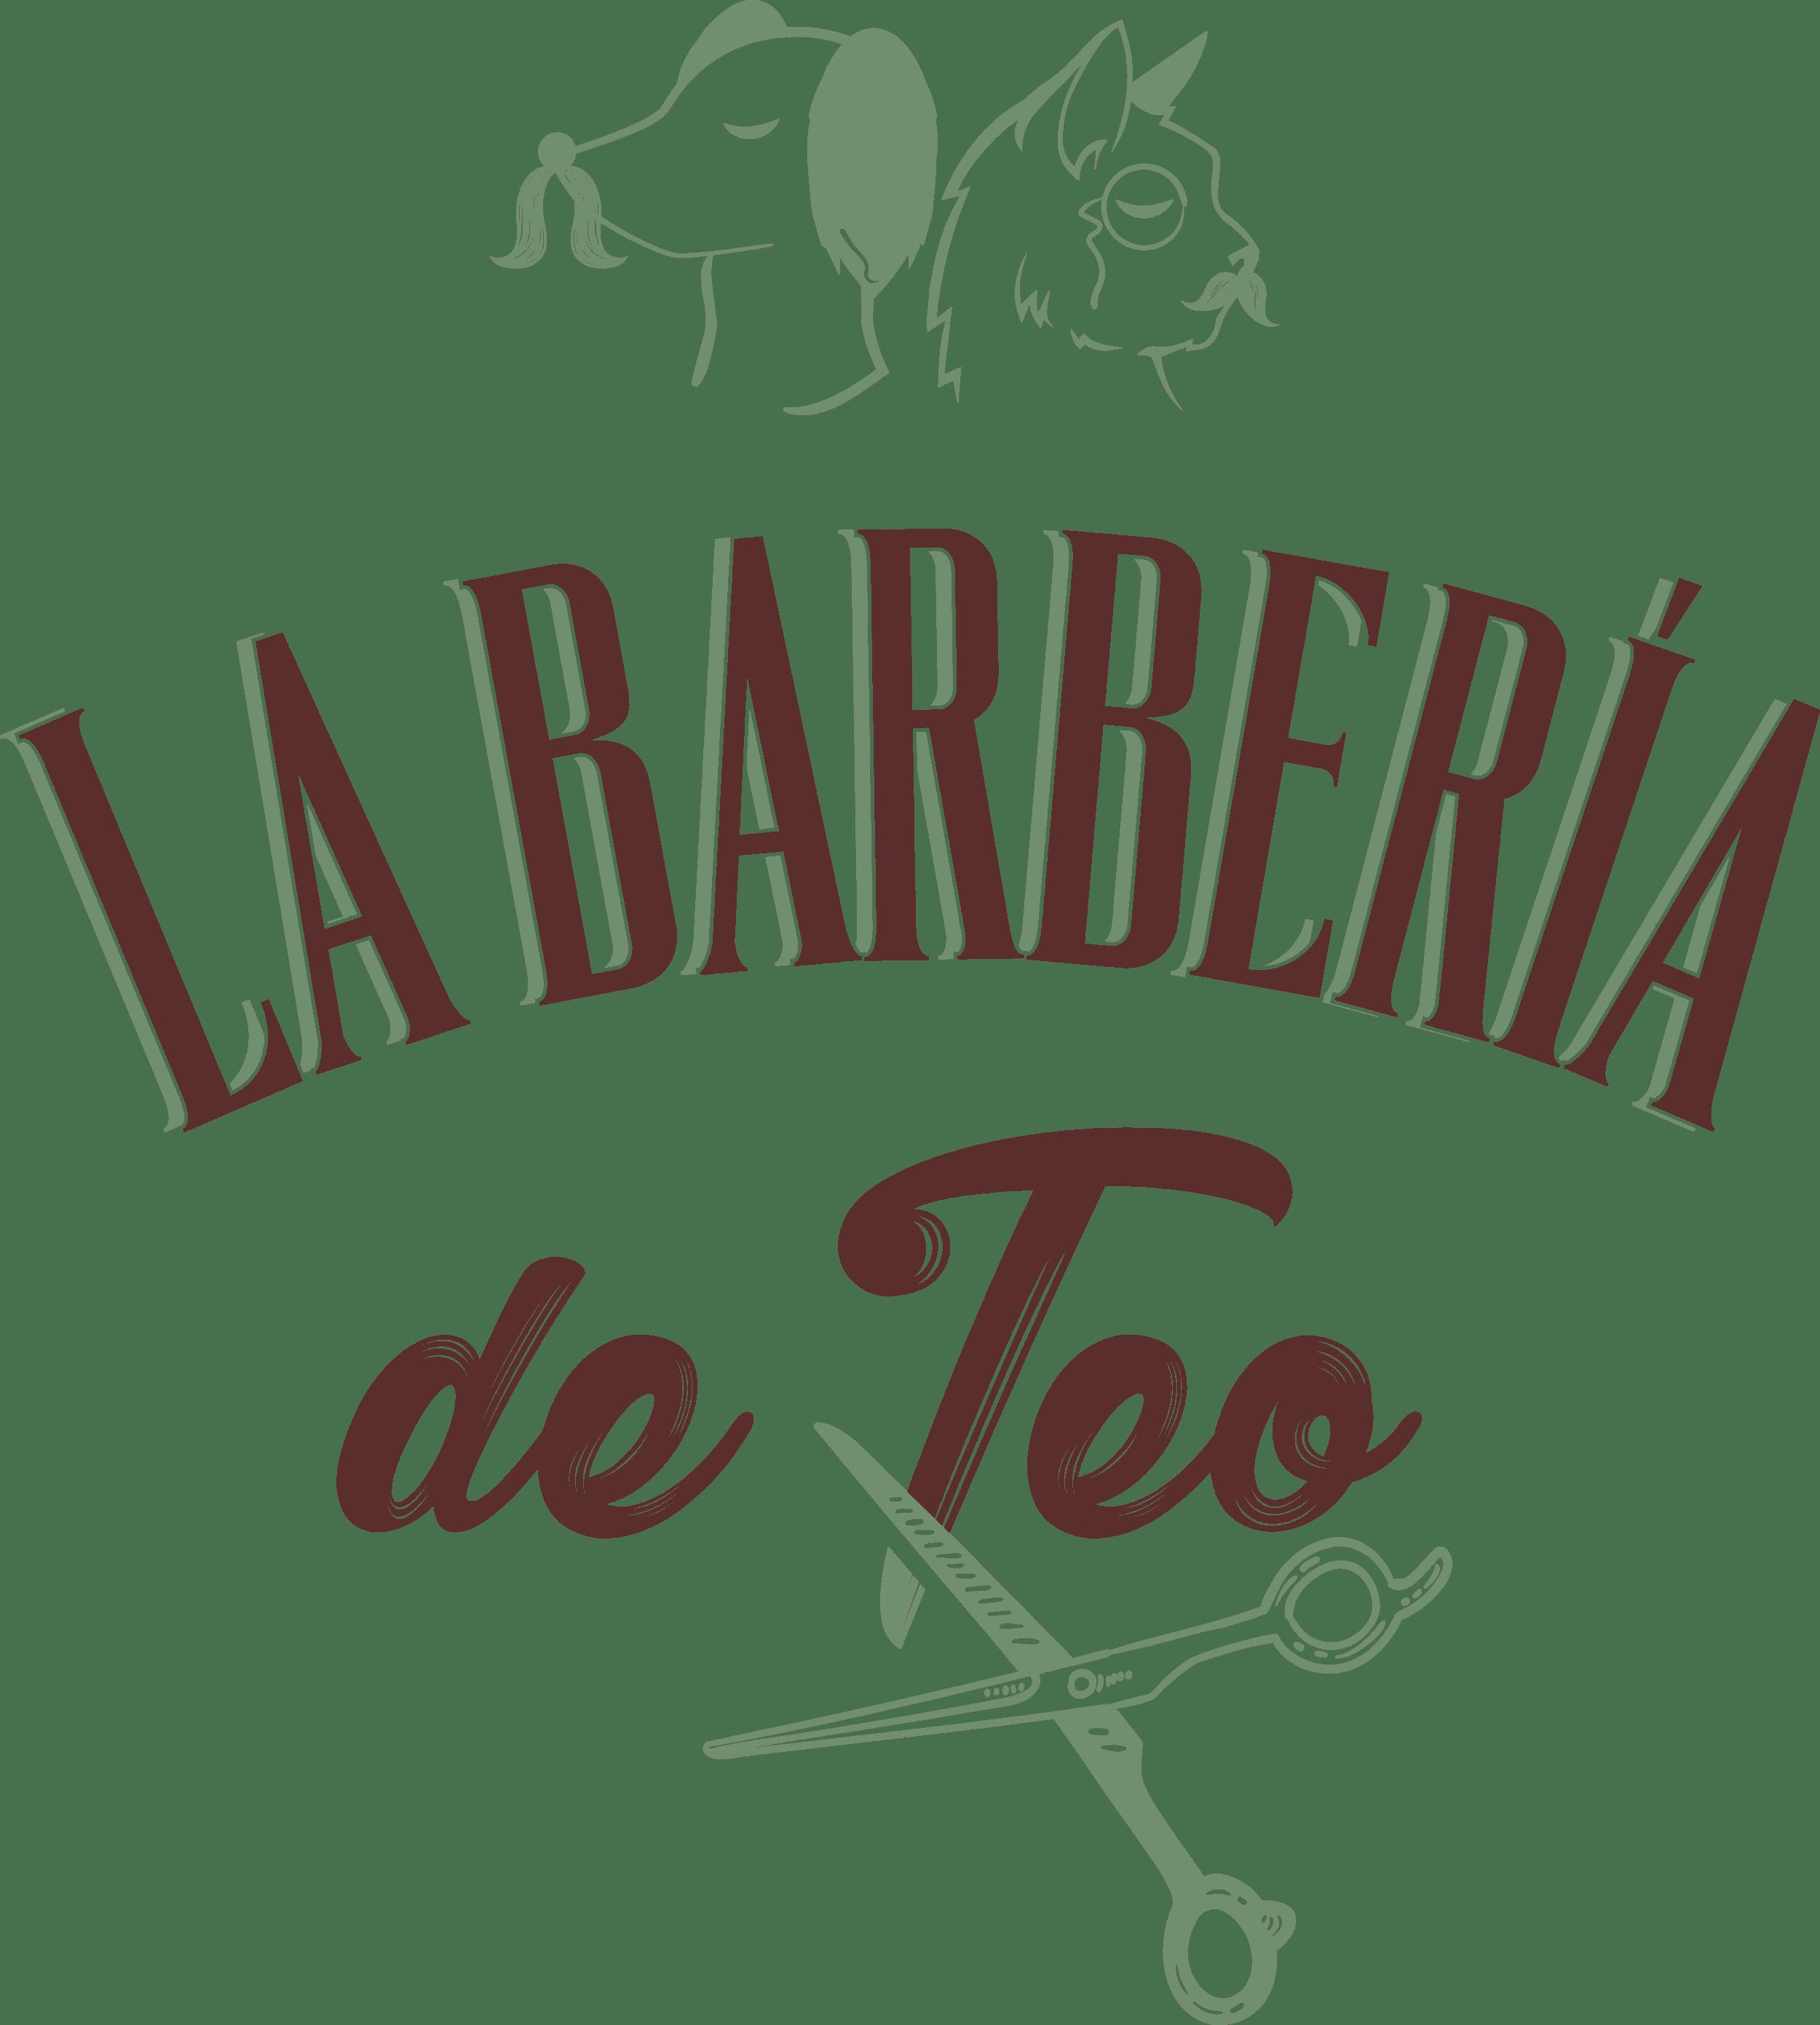 La Barberia De Teo Logrono Logo